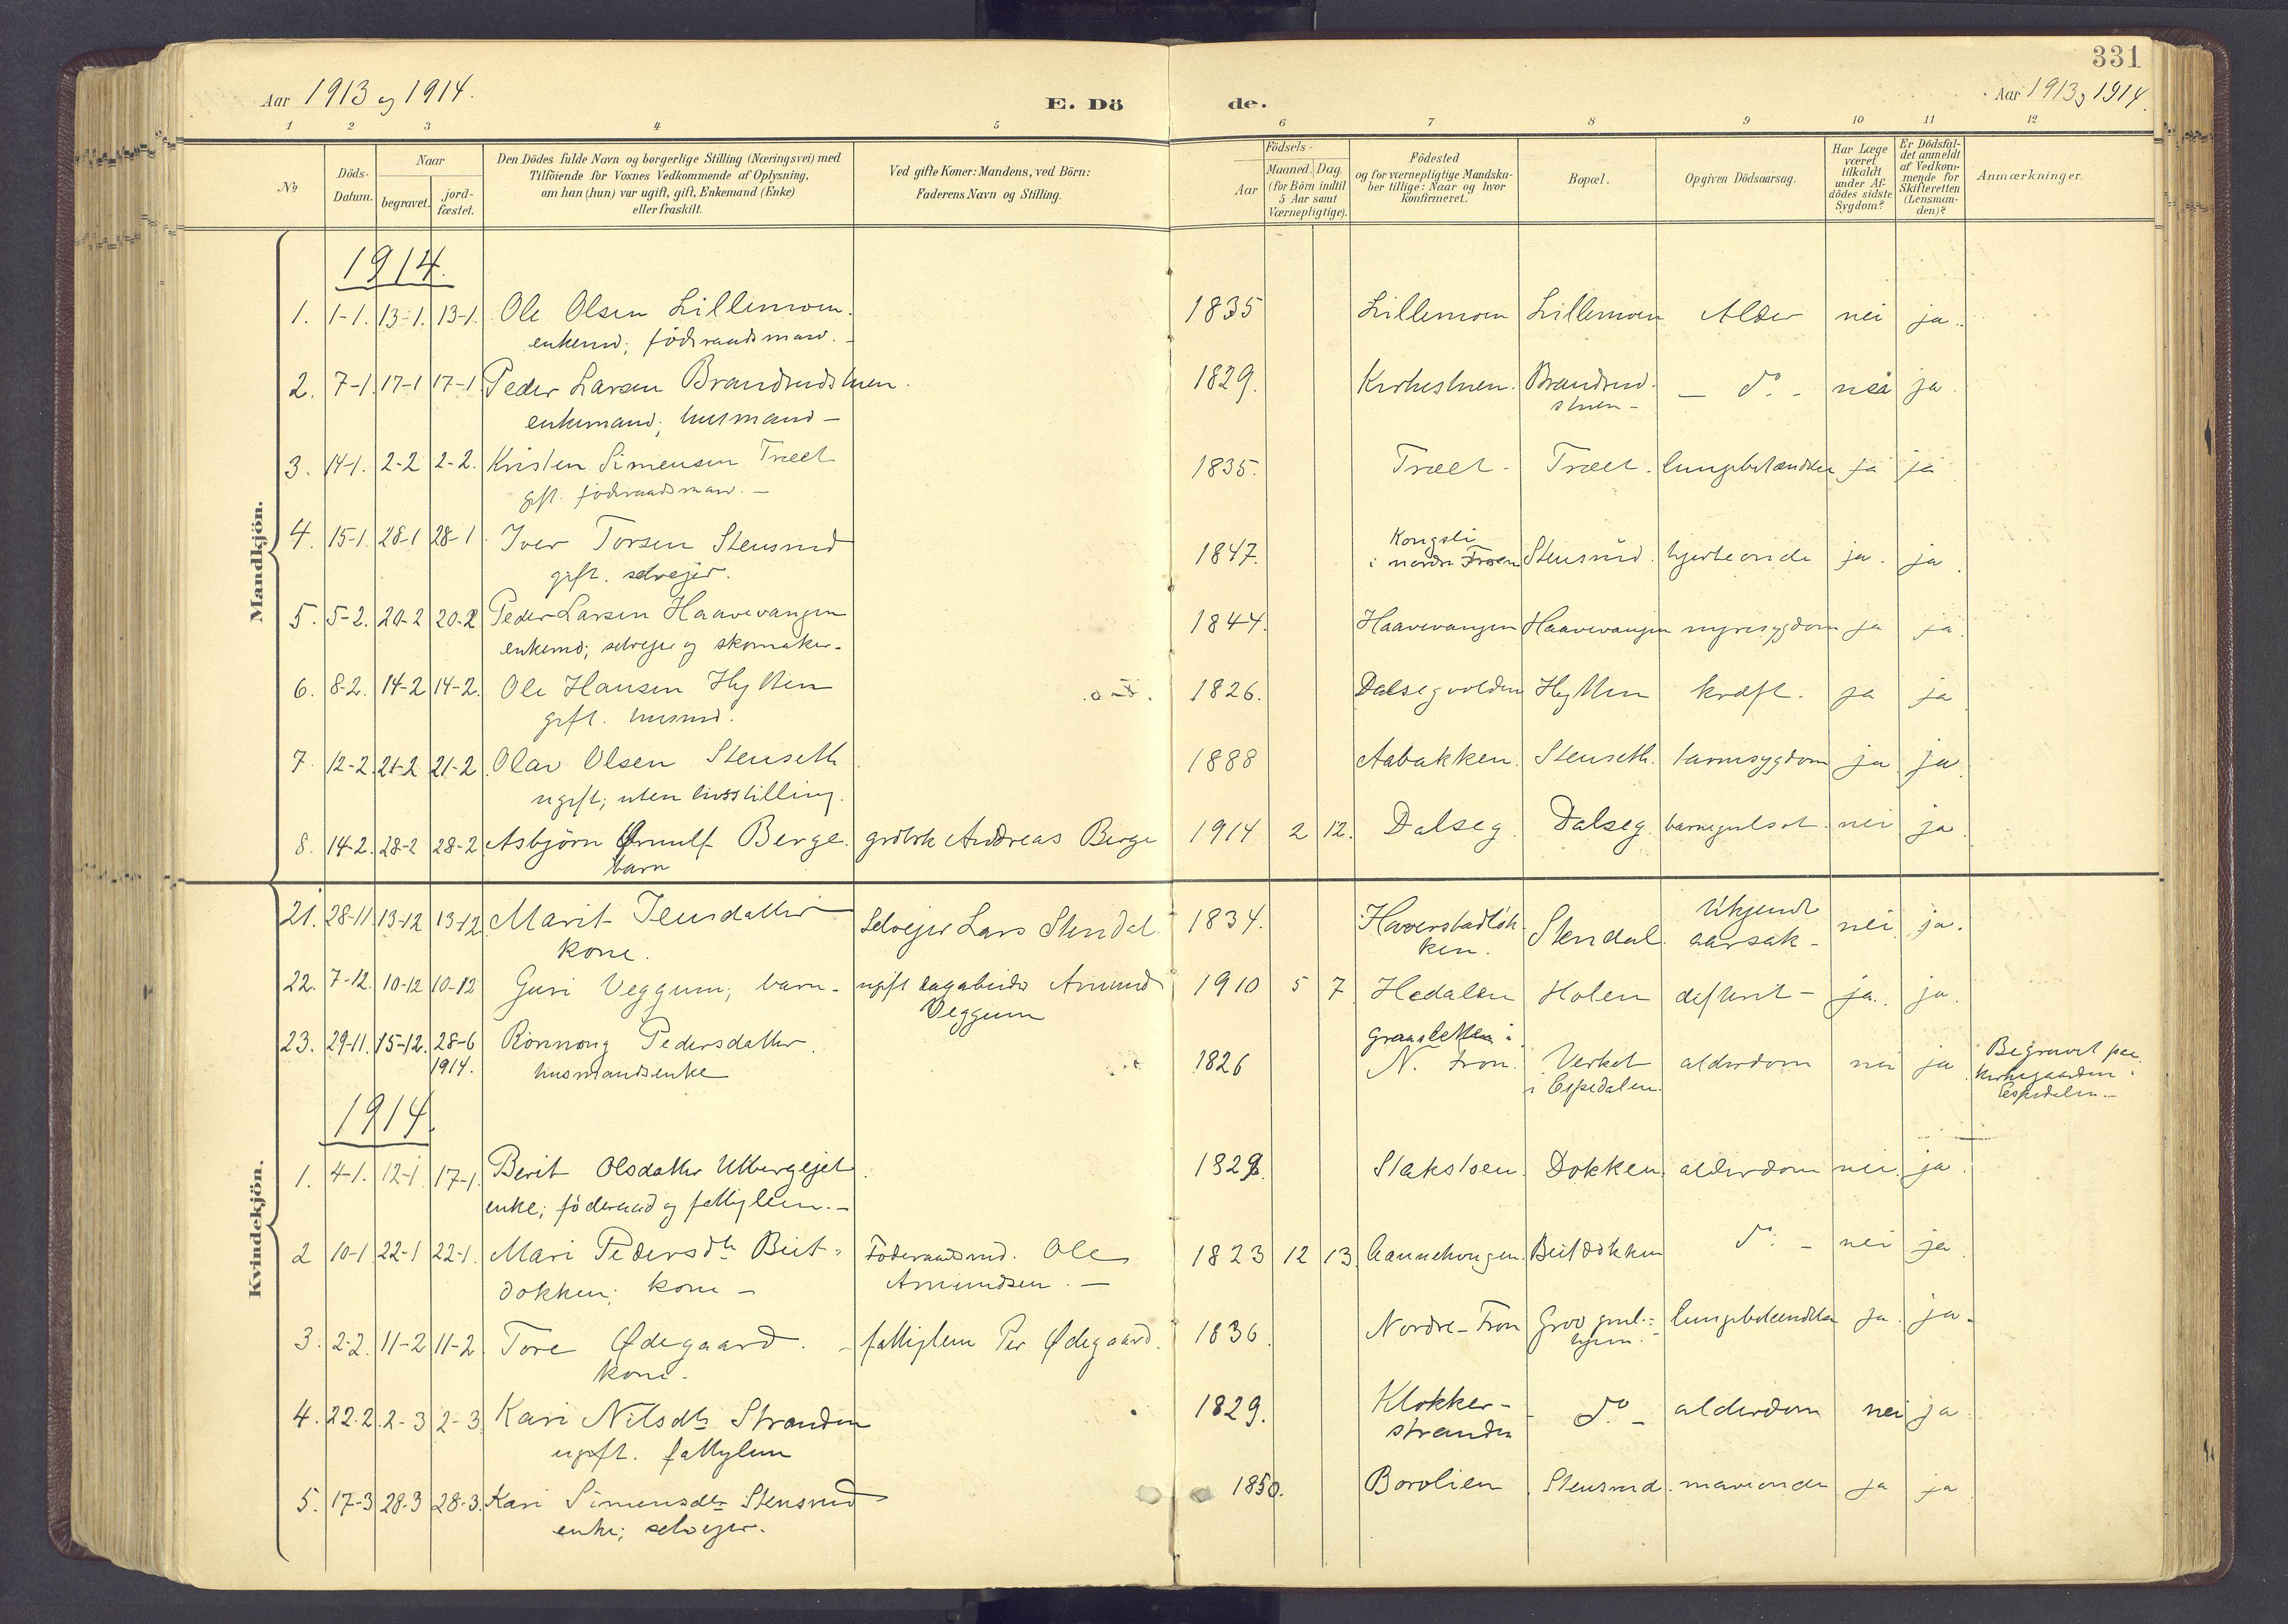 SAH, Sør-Fron prestekontor, H/Ha/Haa/L0004: Ministerialbok nr. 4, 1898-1919, s. 331